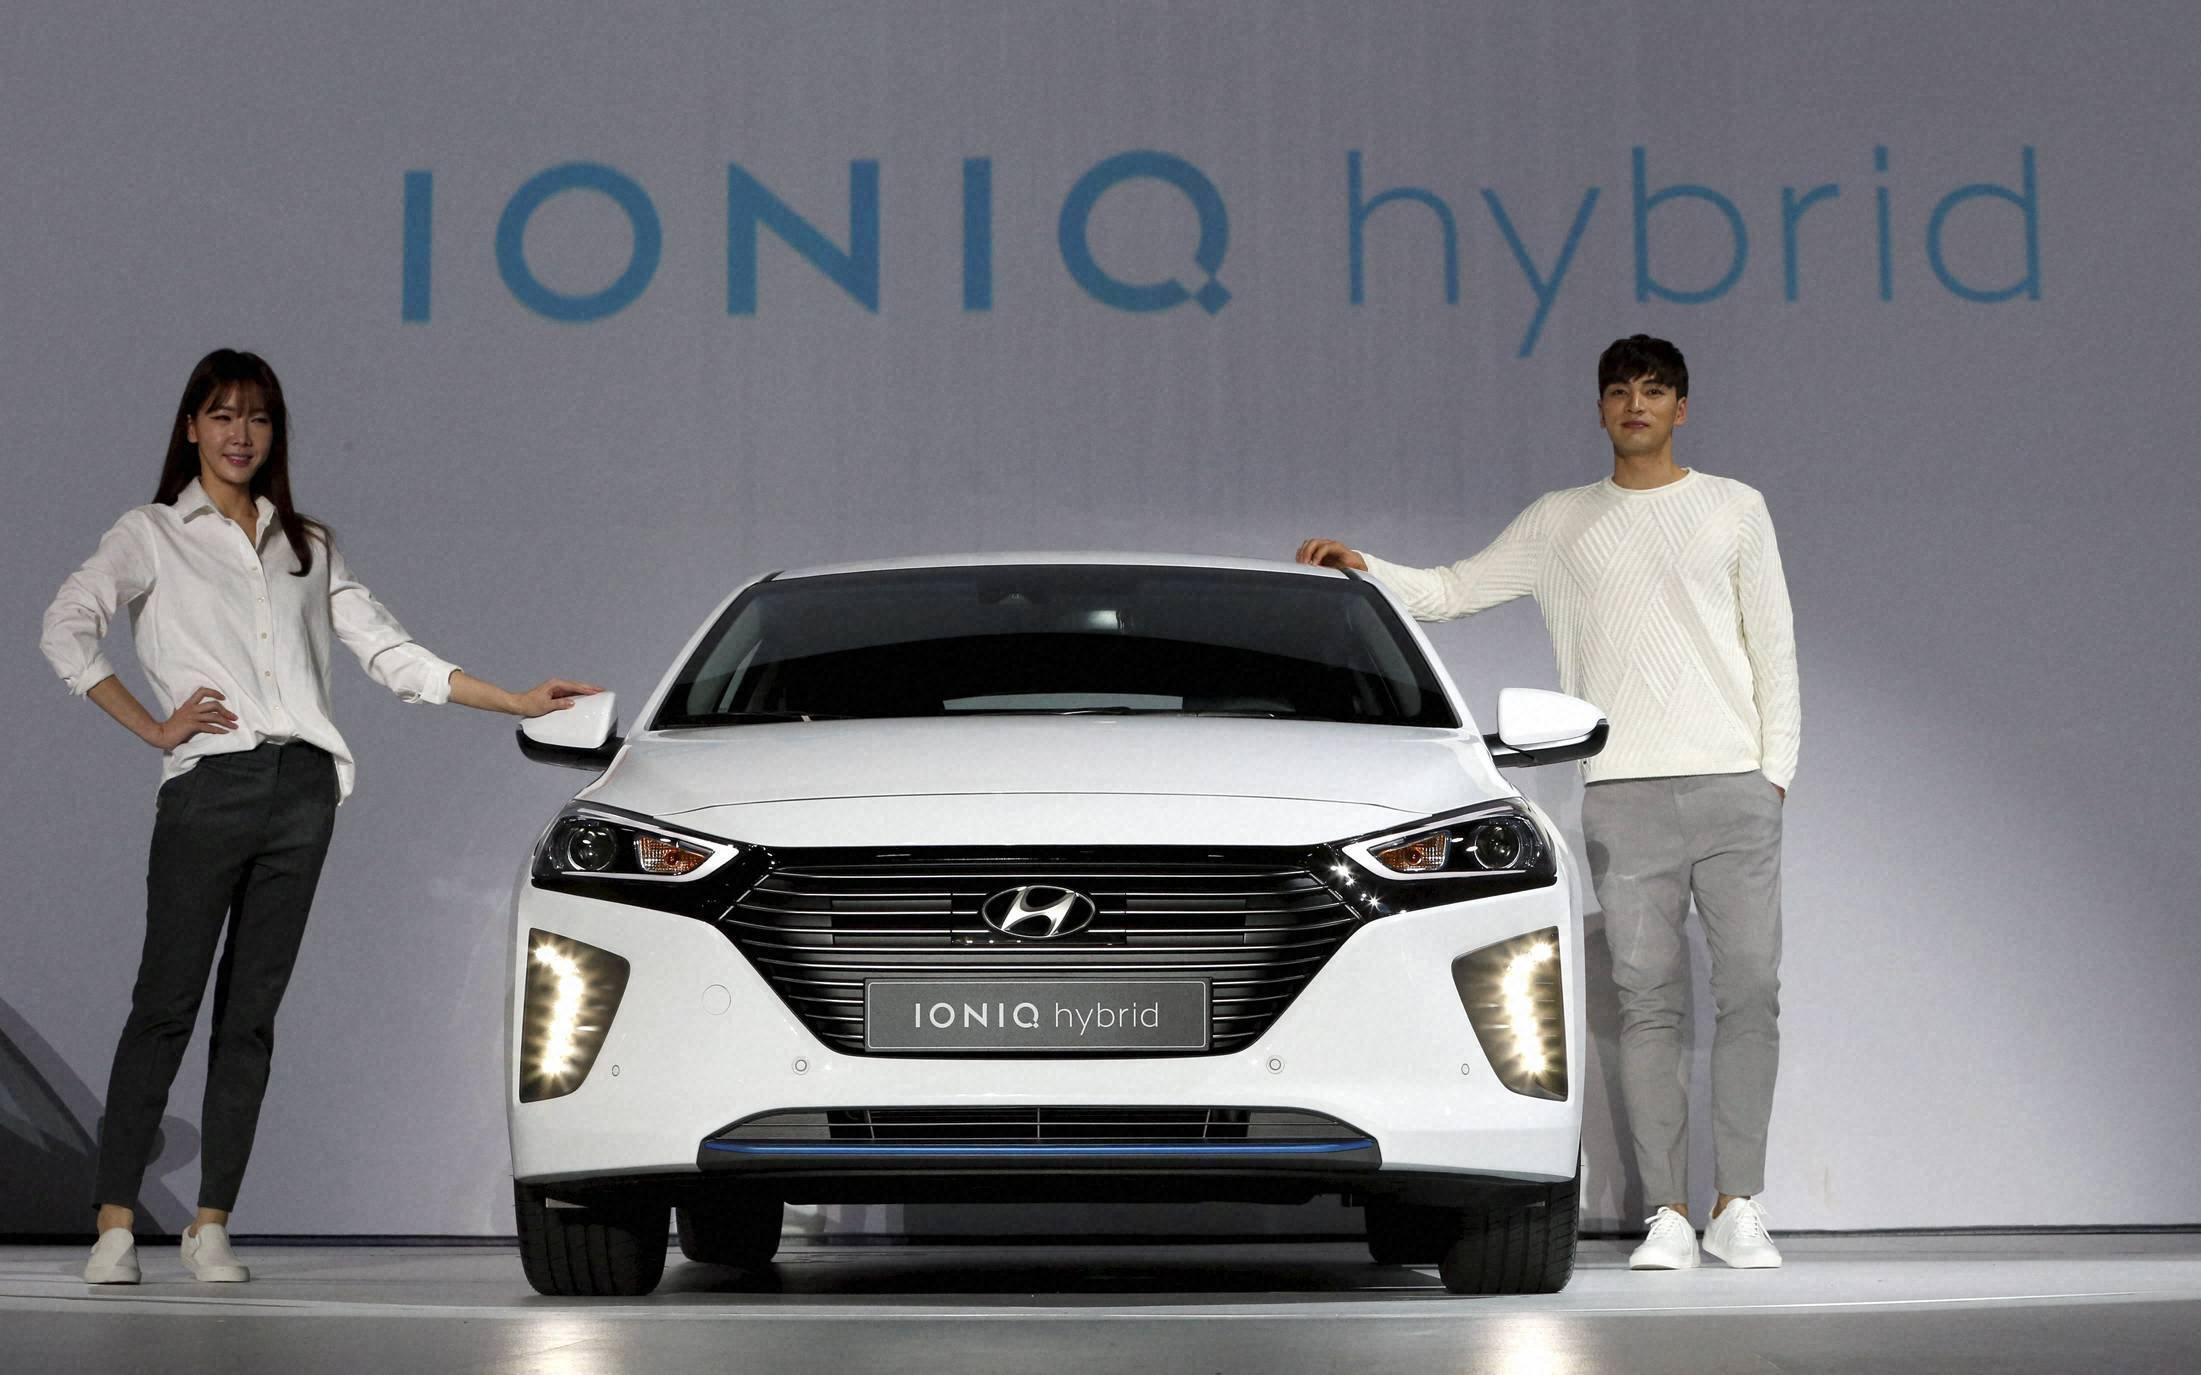 Iconic Hybrid